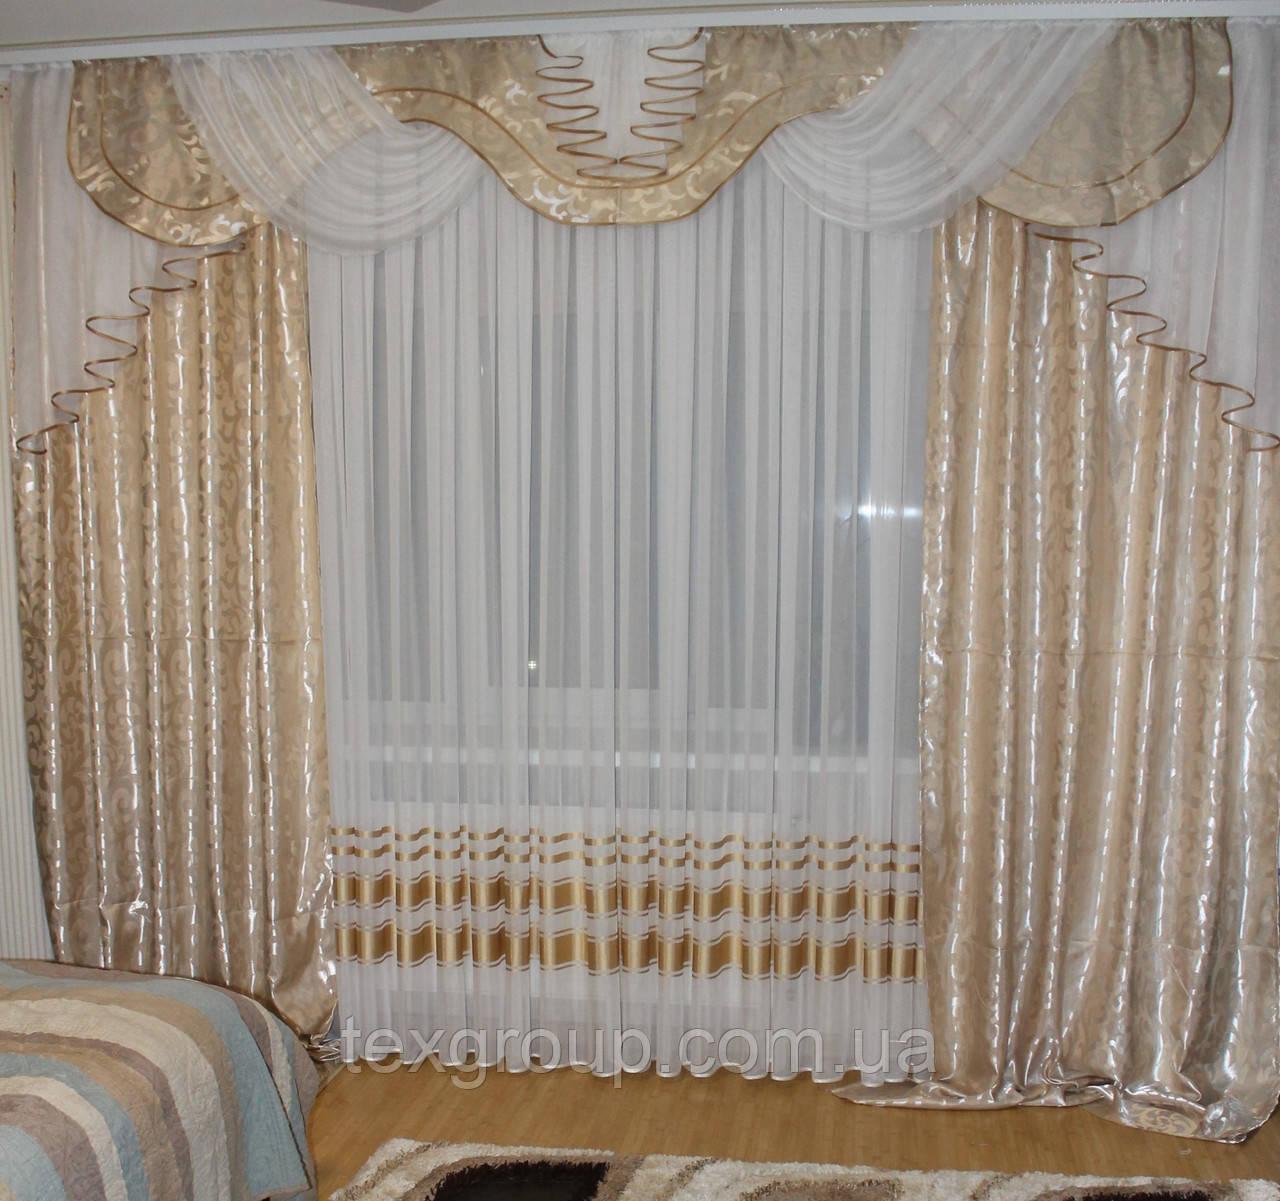 Комплект штор с ламбрекеном №241 3м Дана капучино